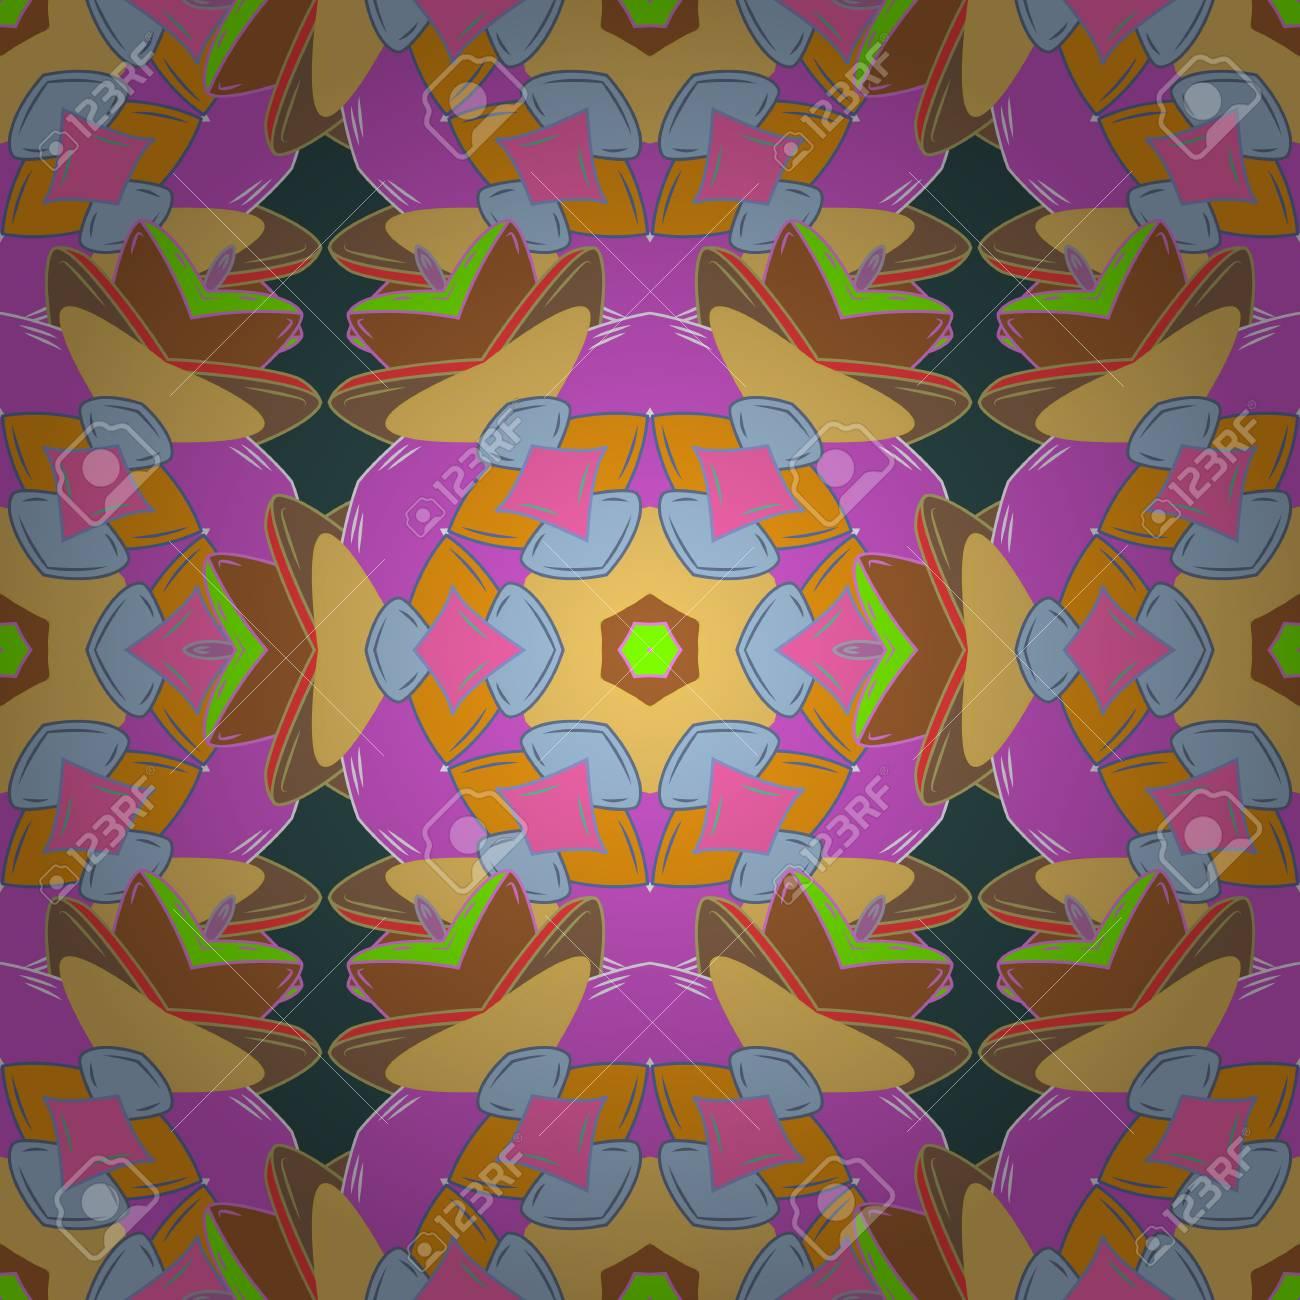 Coloriage Fleur Doranger.Livre De Coloriage Fleur De Mandala Pour Adultes Vector Illustration